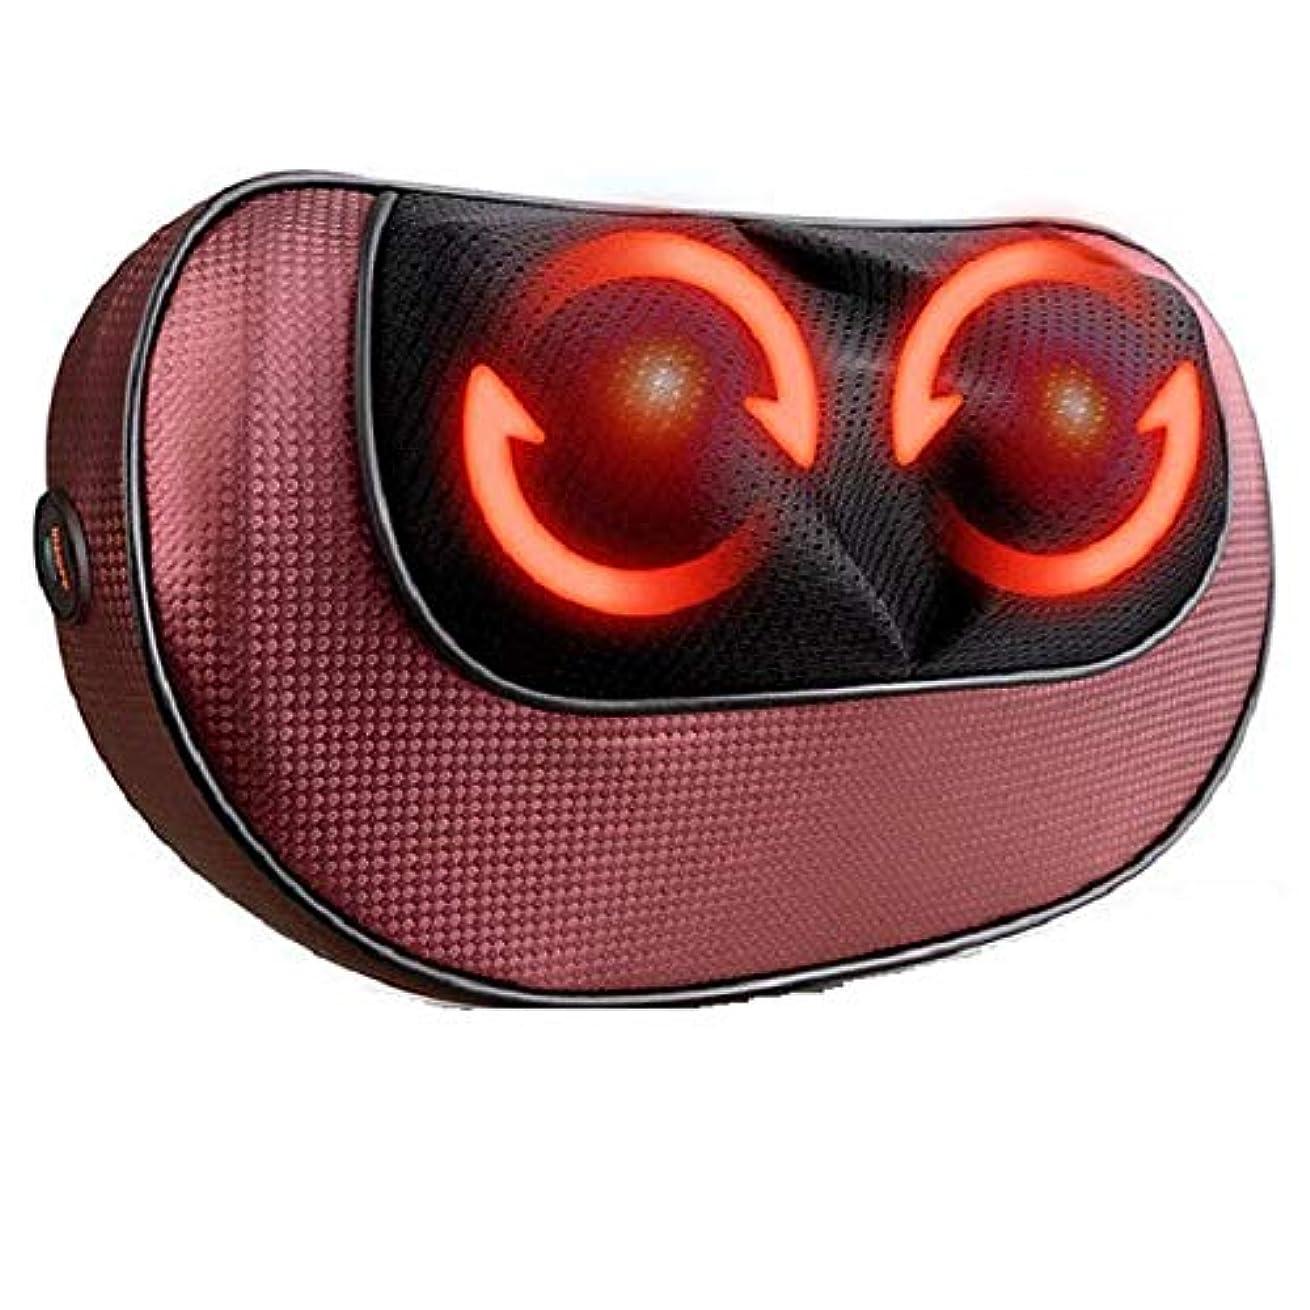 そこから練習低い混練マッサージ枕、多機能家庭用クッションマッサージャー全身電気マッサージャーバックネックマッサージ疲れや痛みを和らげます